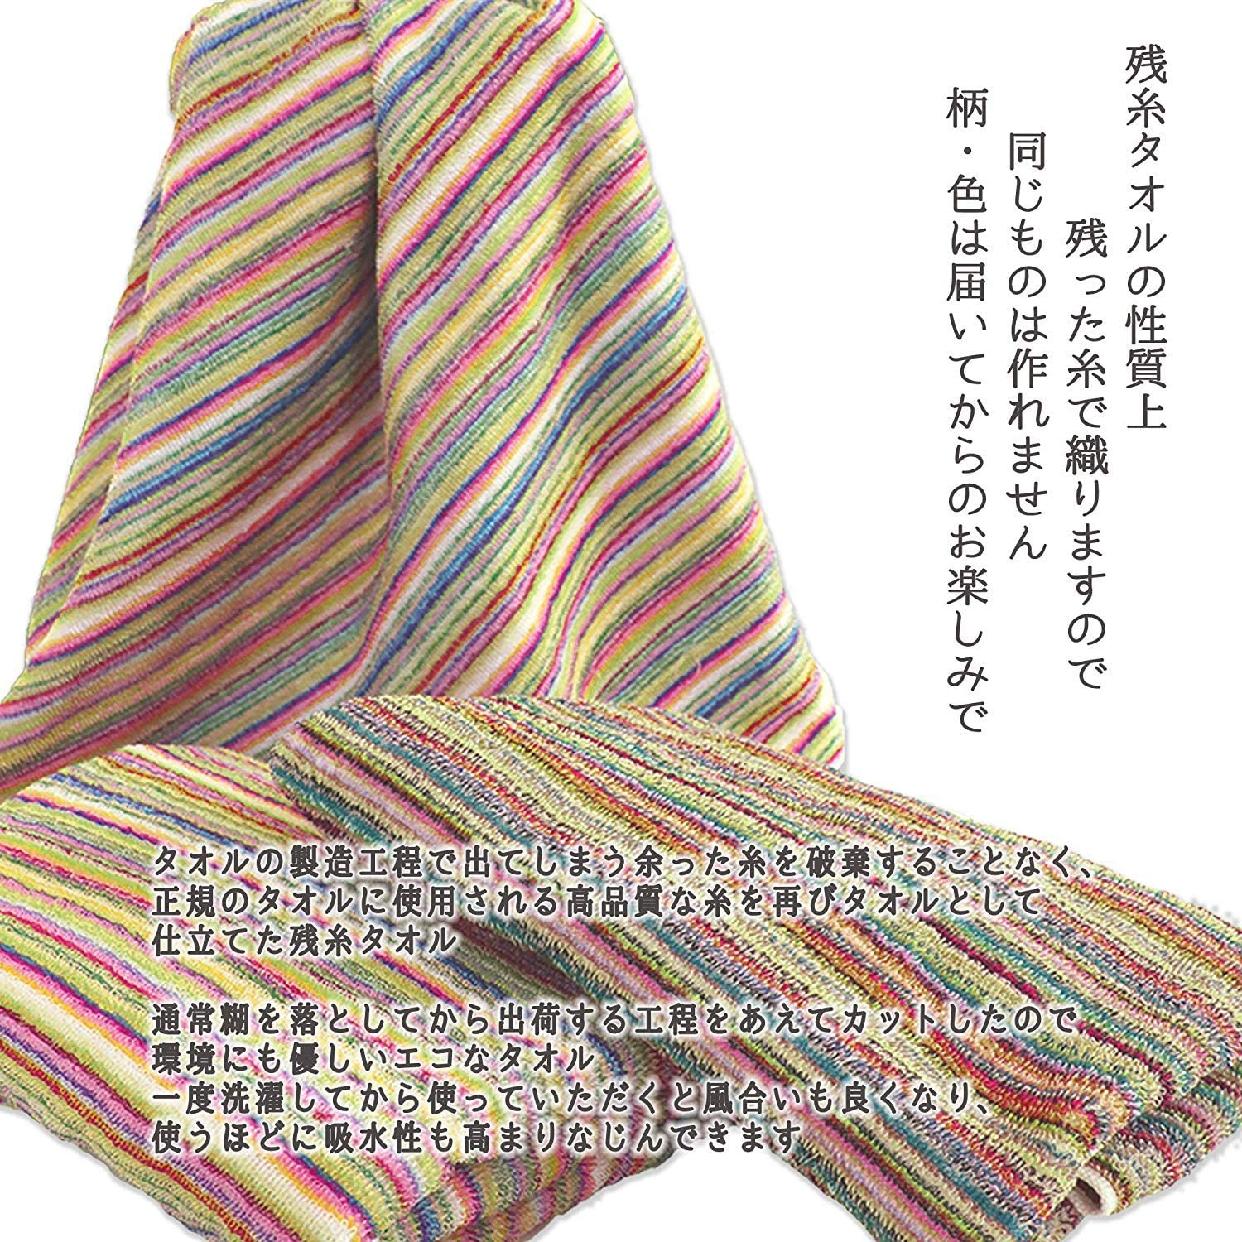 TANGONO(タンゴノ) 残糸で作ったエコなタオルセット 今治産タオルの商品画像3